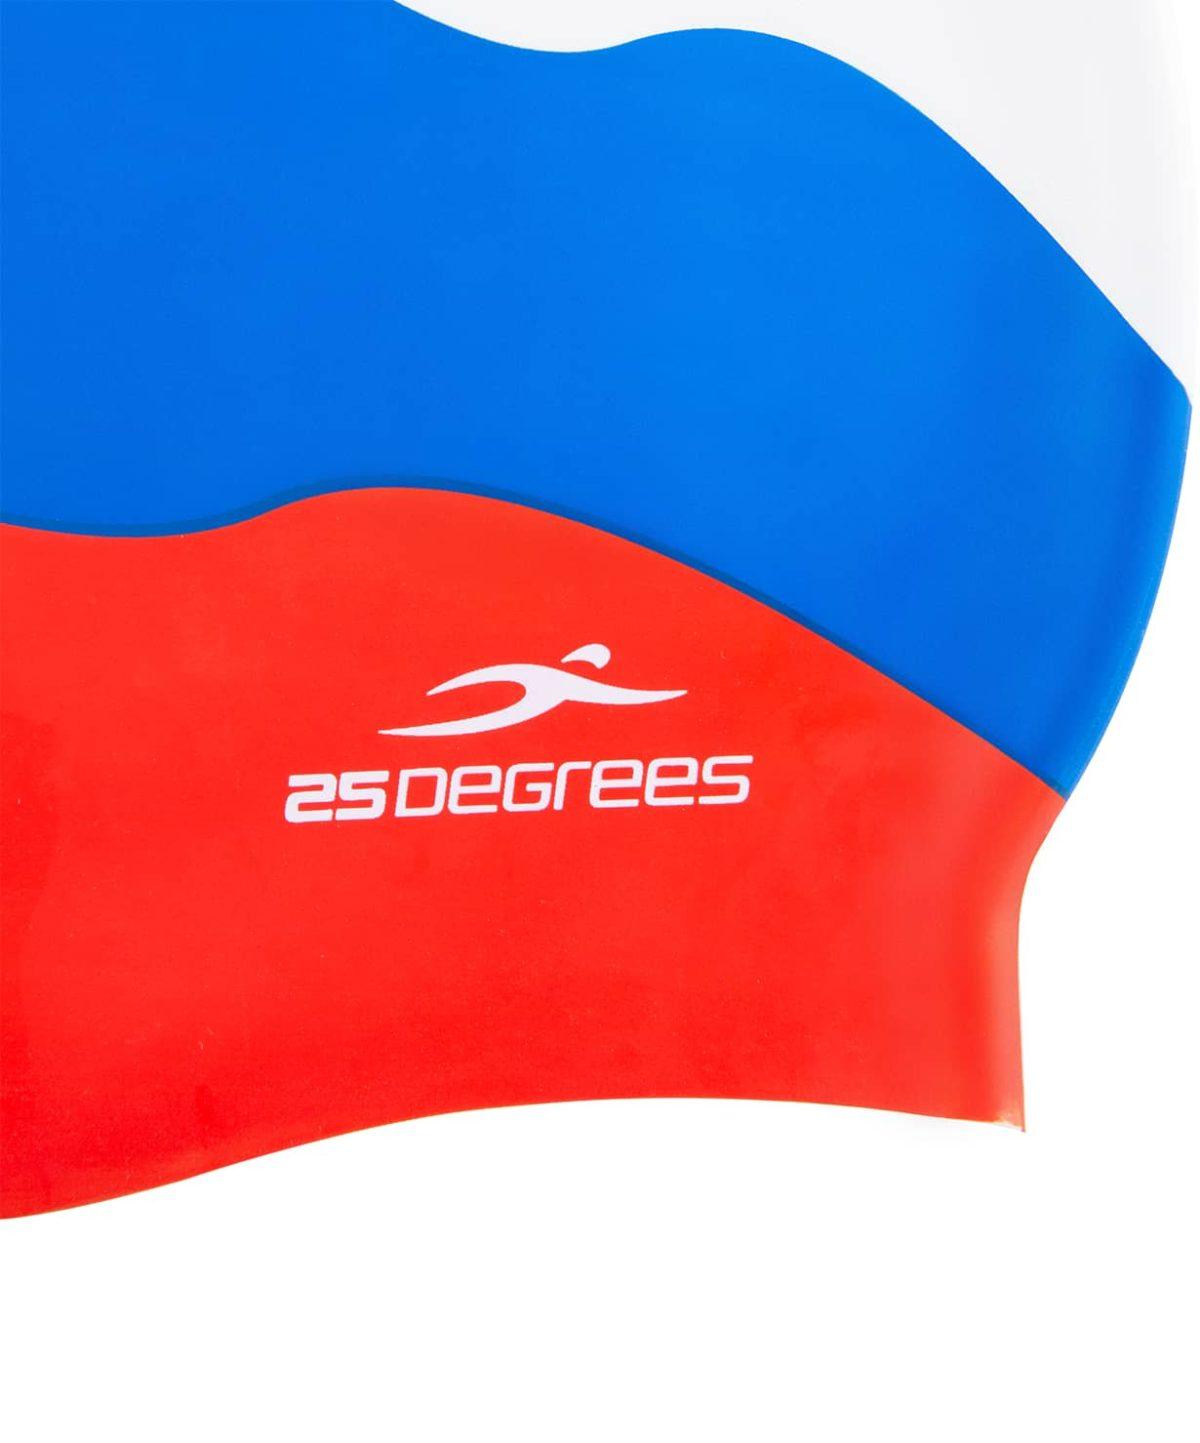 25DEGREES Шапочка для плавания Russia, силикон 25D15-RU01-20-30 - 2